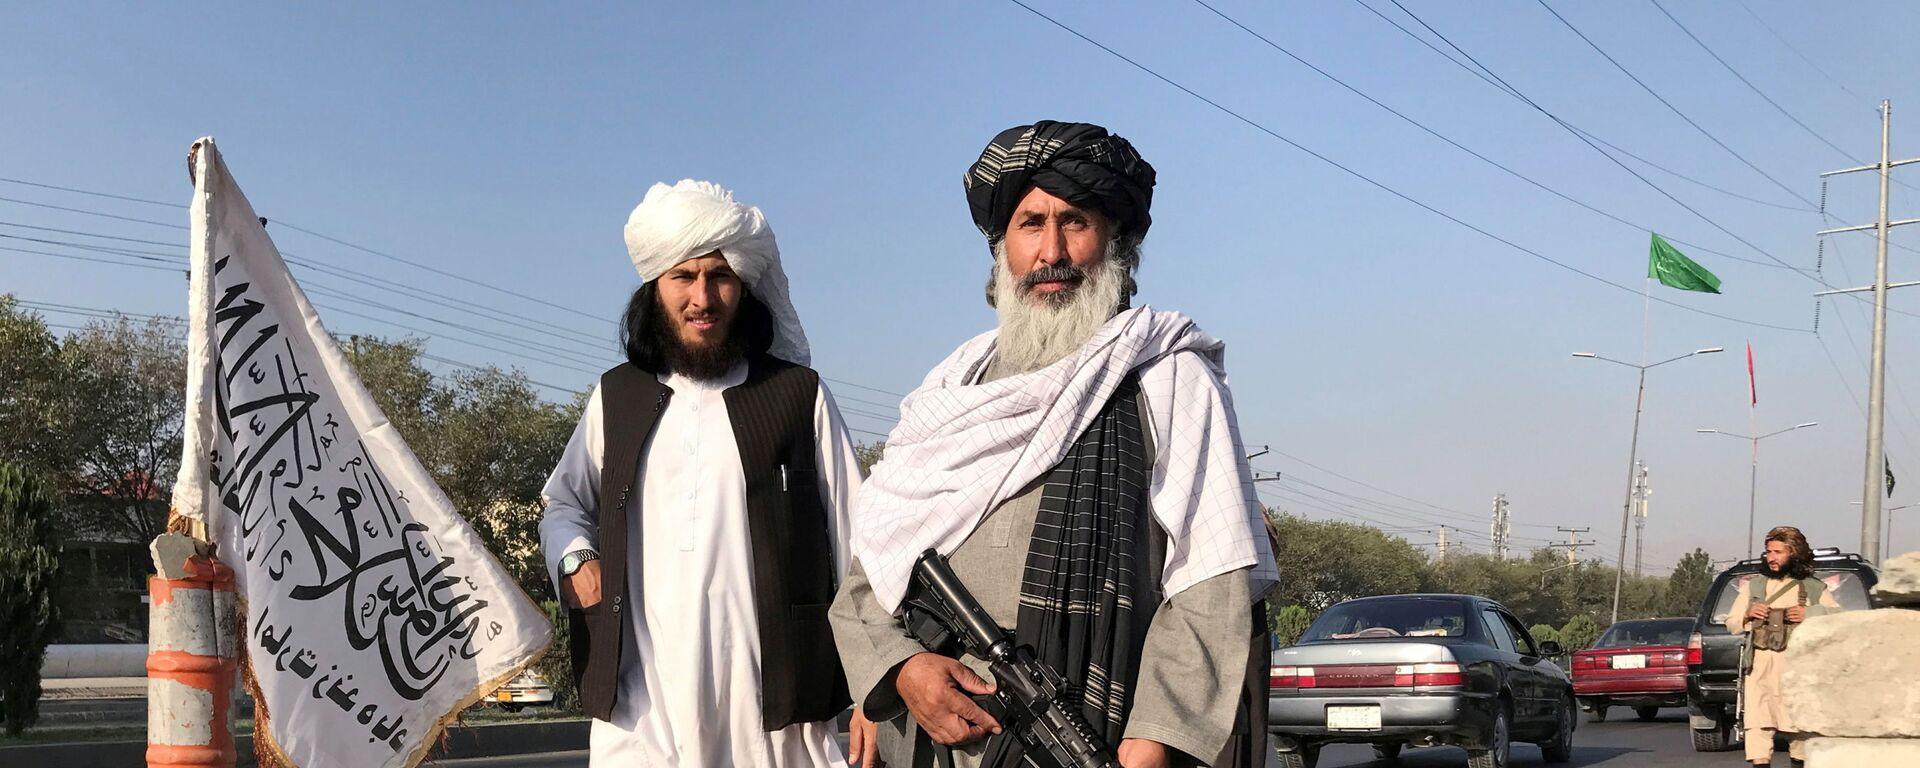 Un membro dei talebani con un M16 americano - Sputnik Italia, 1920, 08.09.2021